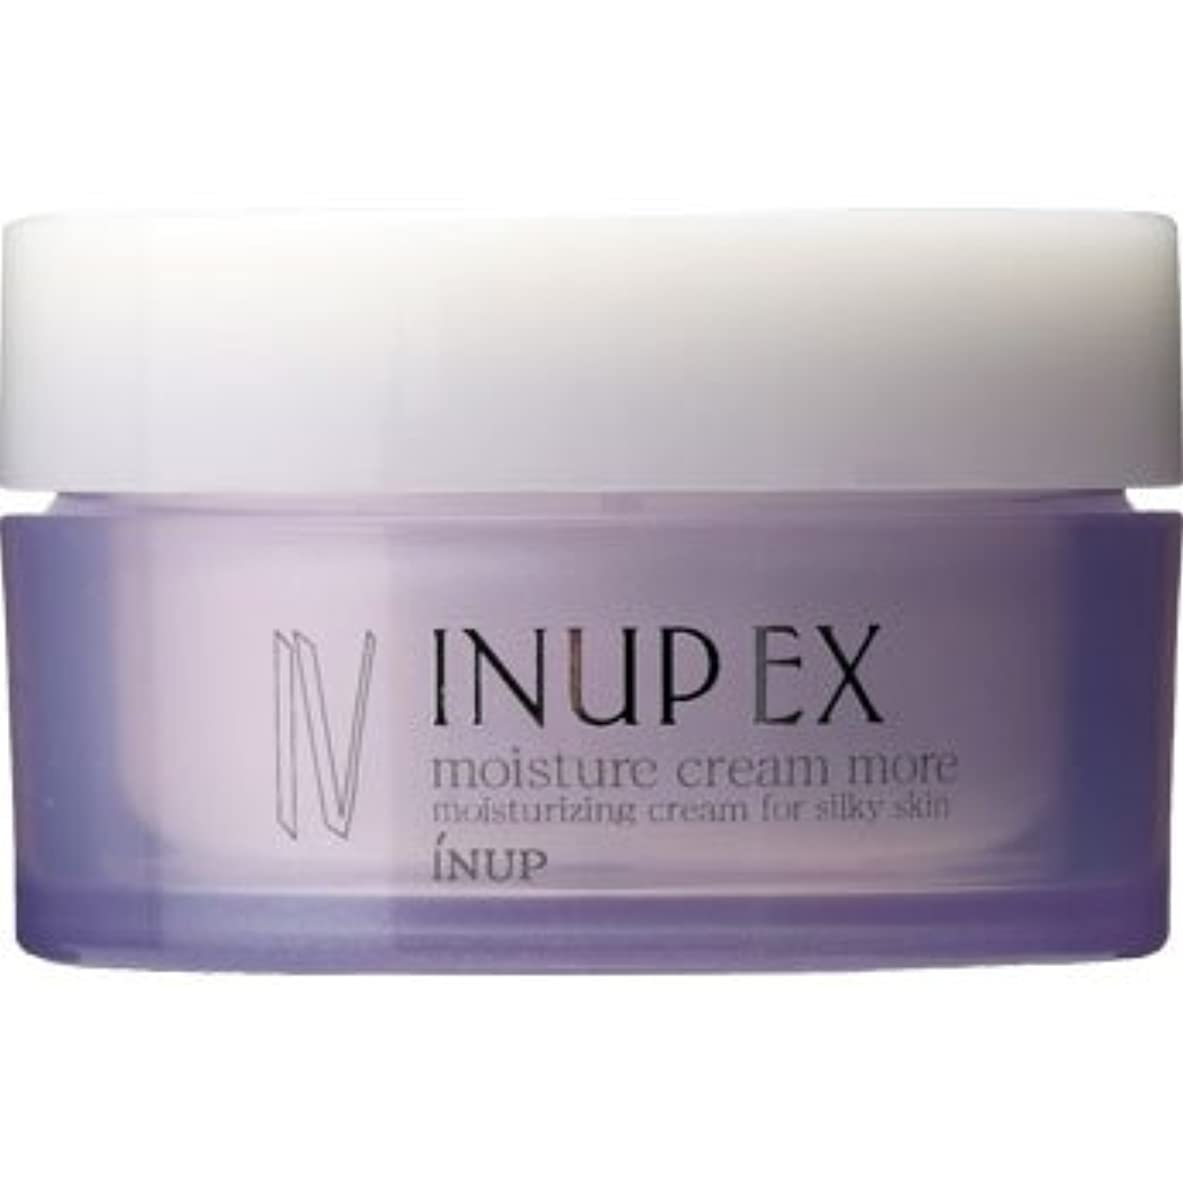 フルート駐地汚染されたインナップEX 保湿クリーム (潤い効果アップ) モイスチャークリーム MD (スパチュラ付)[弱酸性] 30g